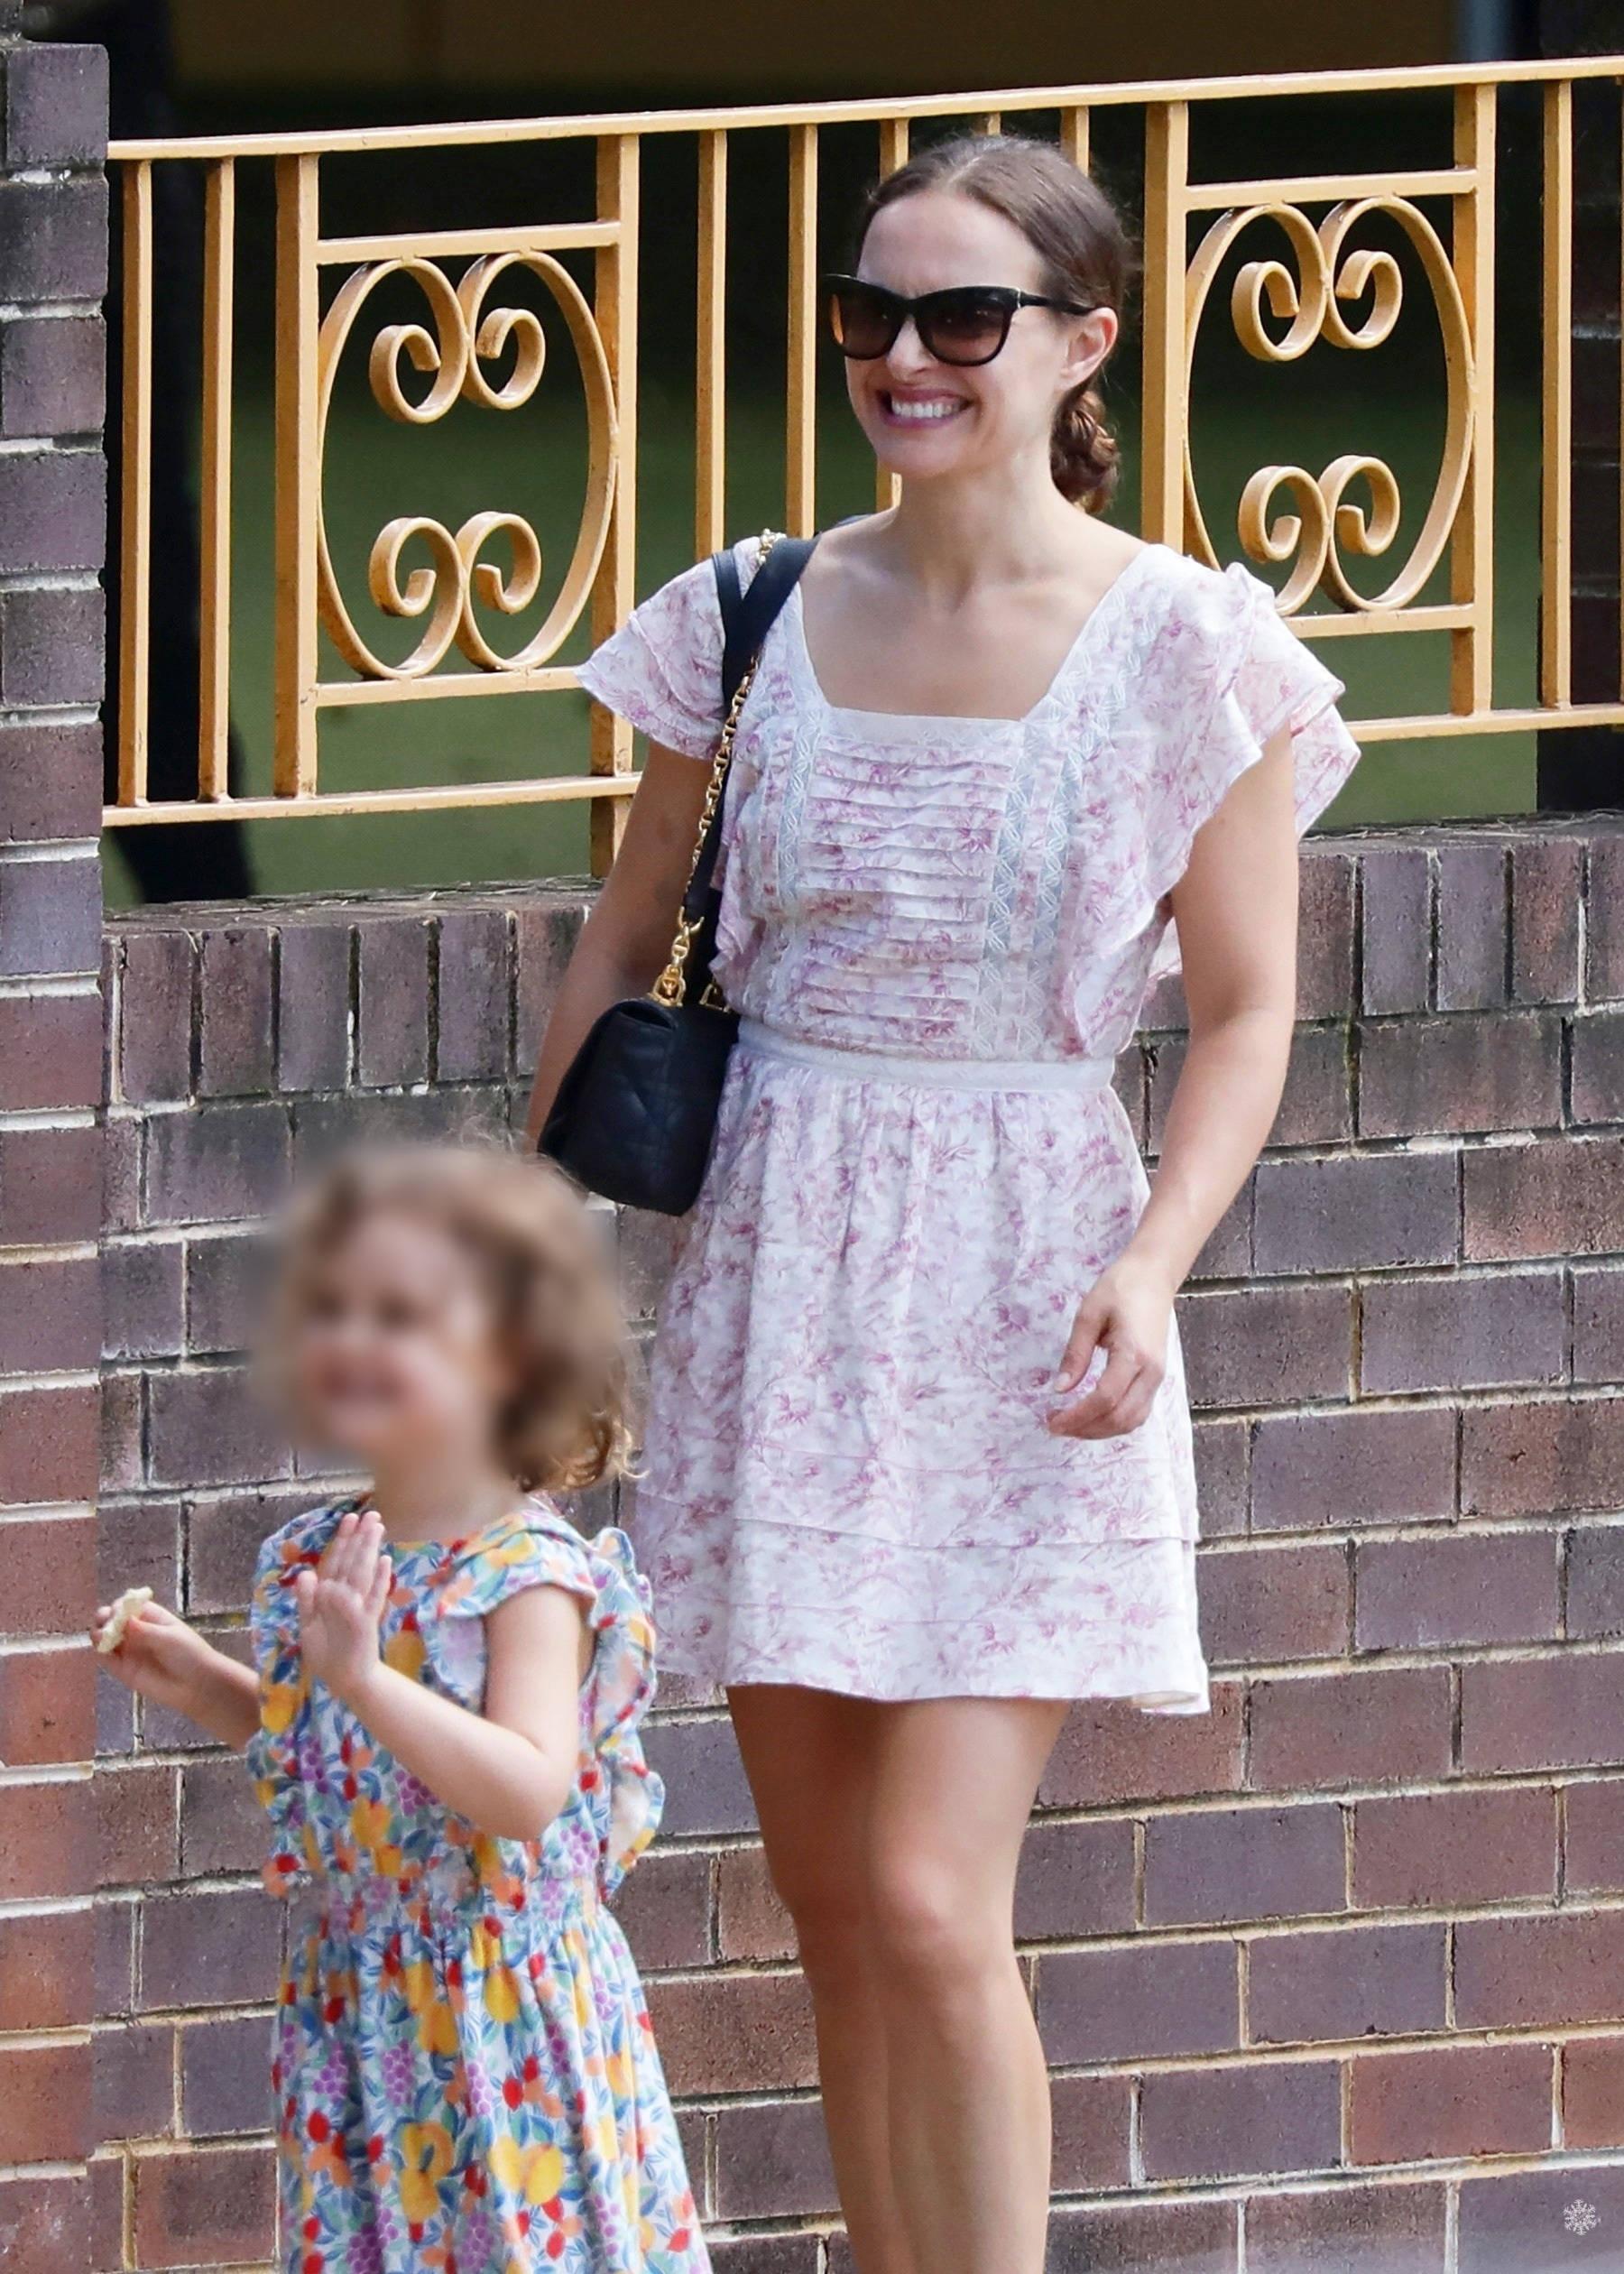 40岁娜塔莉波特曼接娃也好美,穿短裙秀美腿,五五分身材抢镜